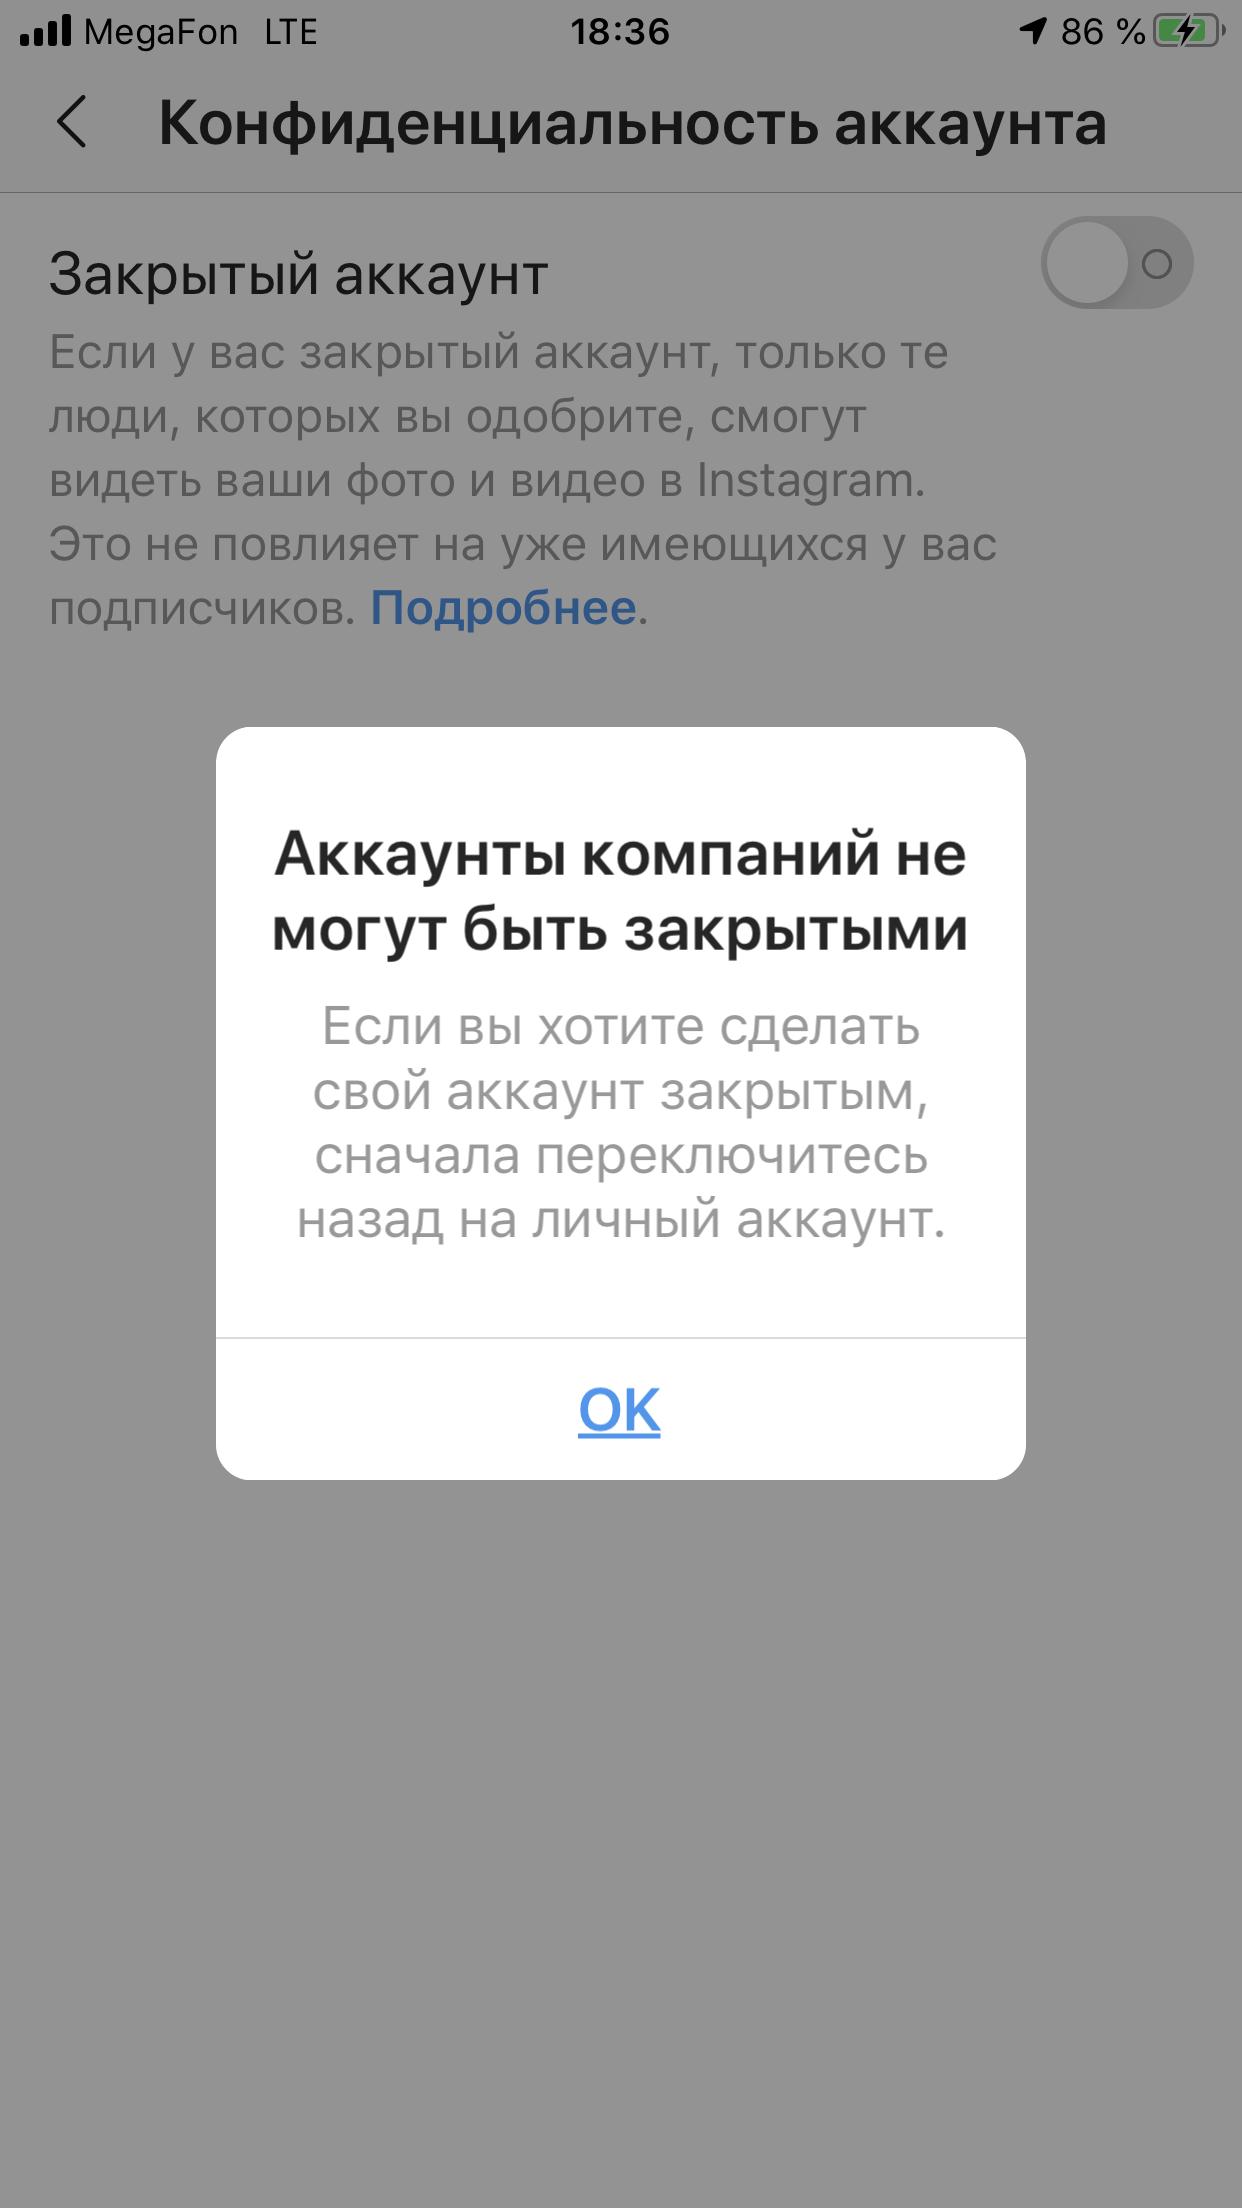 Попытка перевести бизнес-аккаунт на закрытый